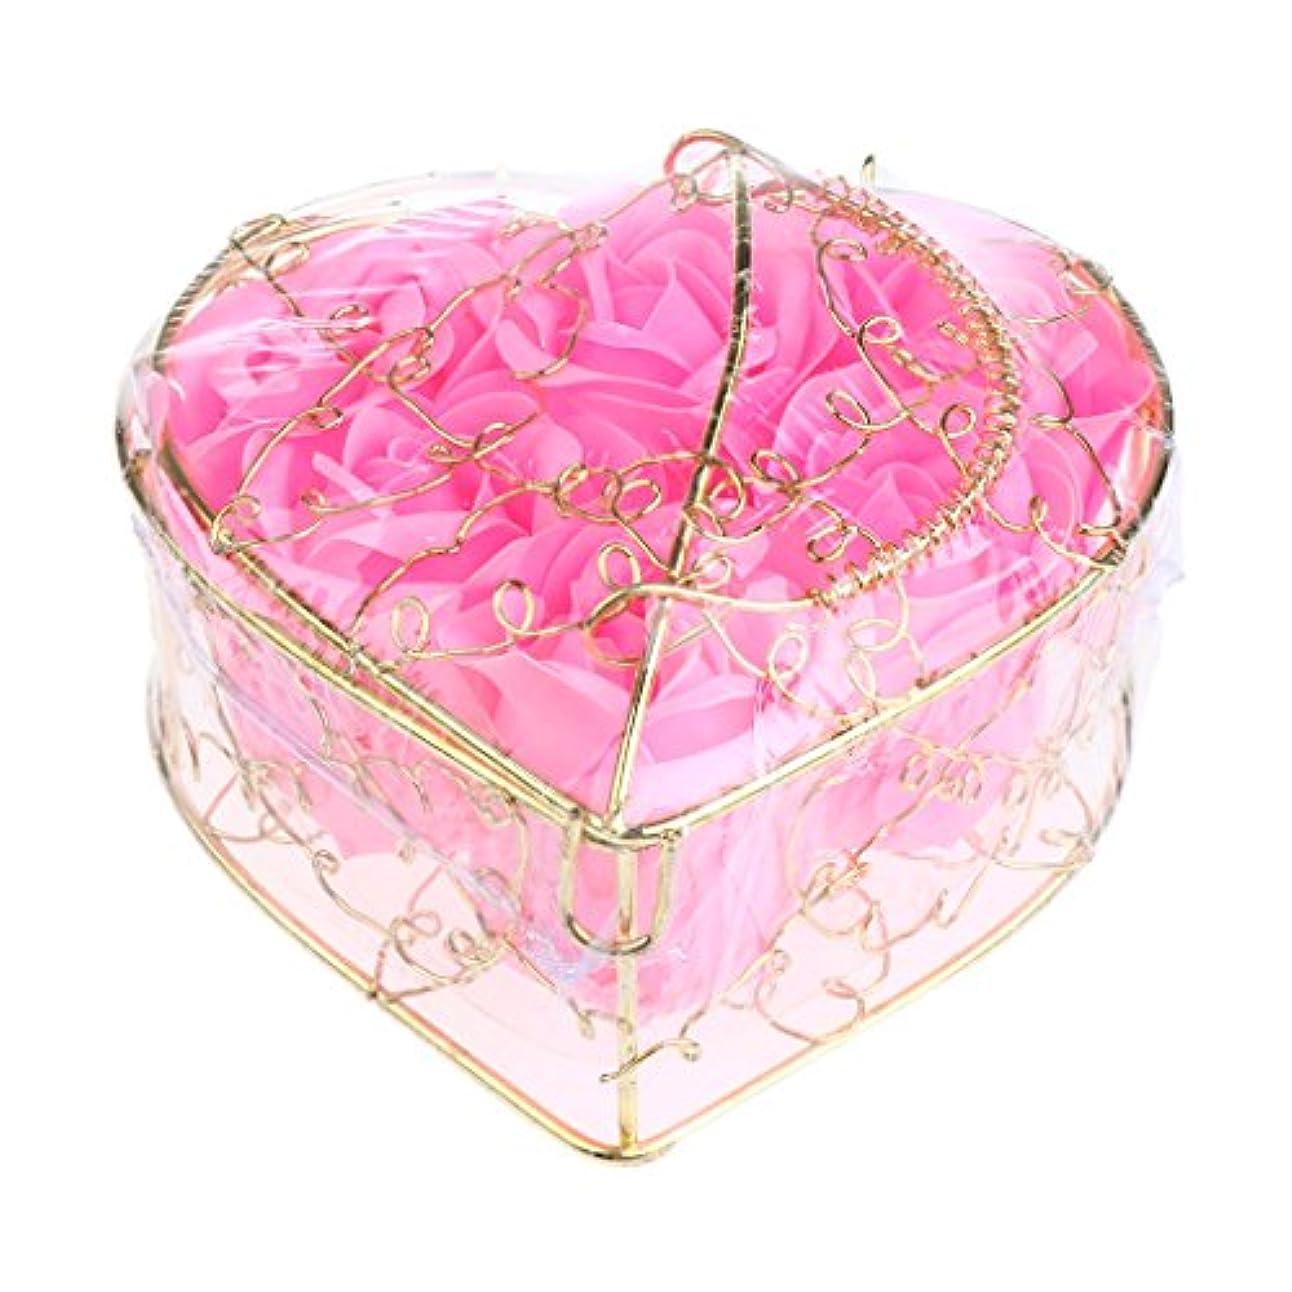 子供達土地山岳Kesoto 6個 石鹸の花 バラ 石鹸の花びら 母の日 ギフトボックス ロマンチック 全5タイプ選べる - ピンク